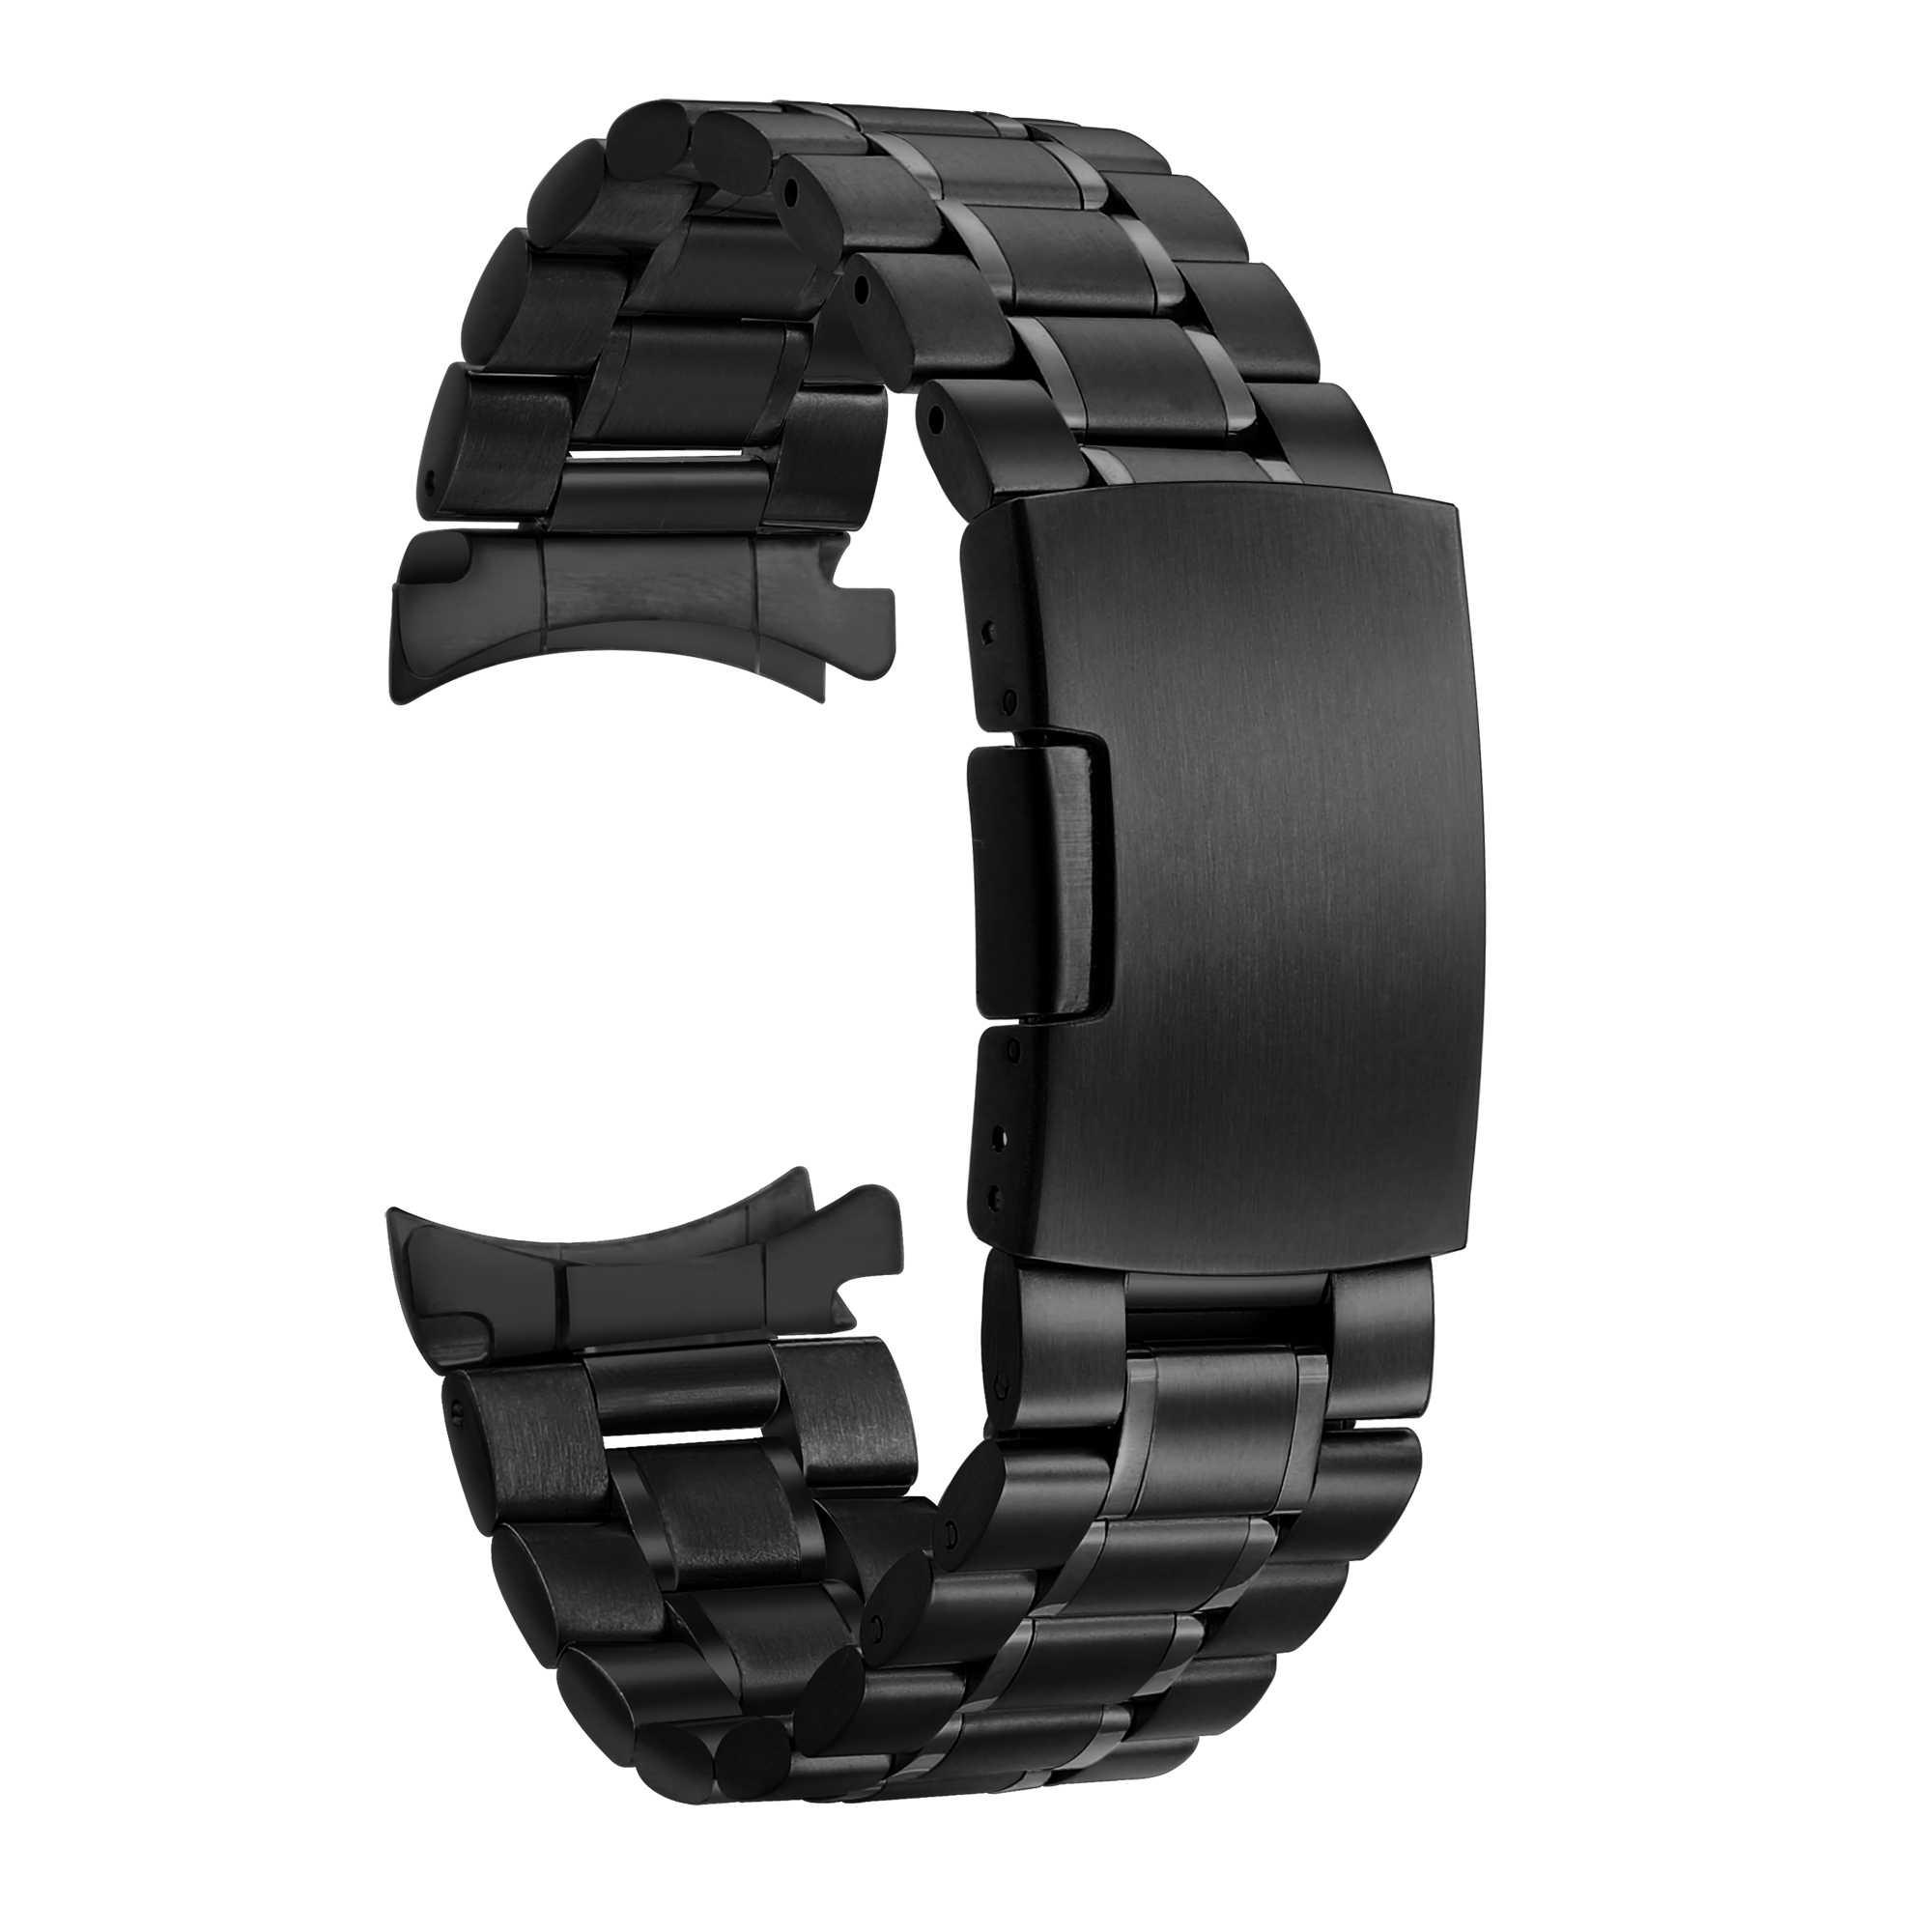 Per Samsung Galaxy 46 Gear S3 Classico Frontier Watch Band 22 millimetri In Acciaio Inox Cinturino Da Polso 20 millimetri Braccialetto In Argento A Sgancio rapido